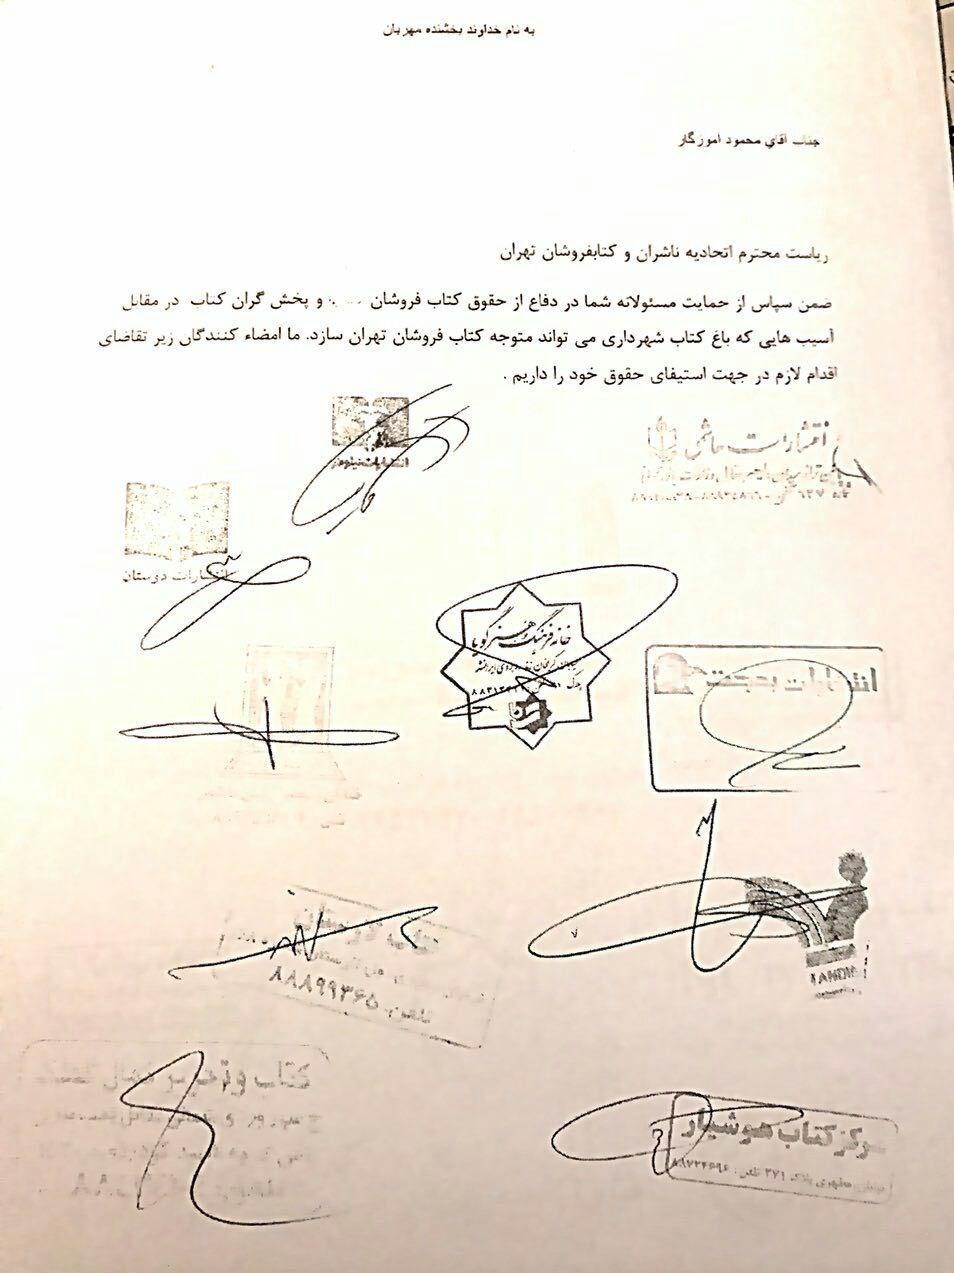 اعتراض ۳۵۰ کتابفروش به فروش کتاب در باغ کتاب تهران